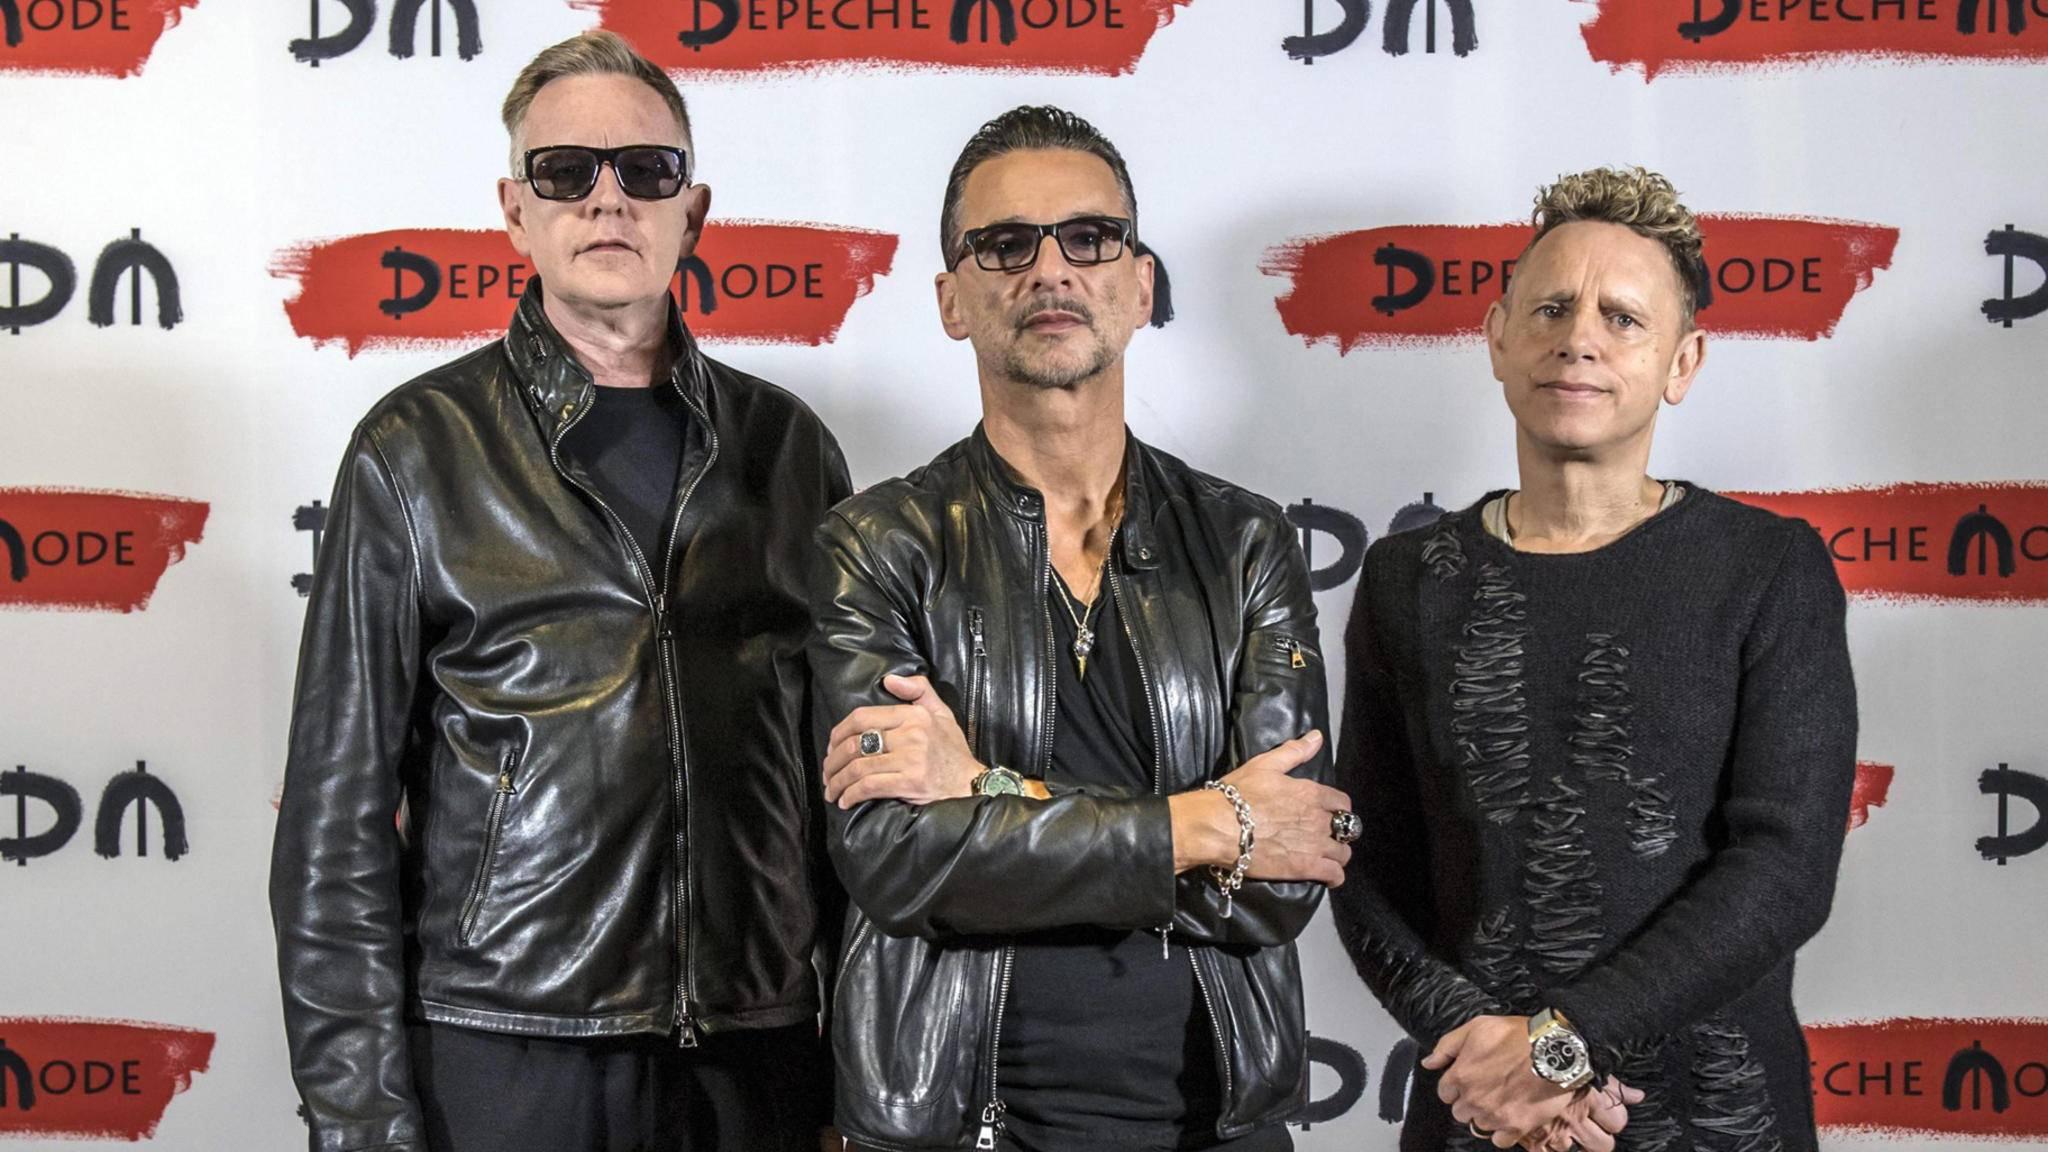 Auch die Jungs von Depeche Mode verwöhnen uns 2017 endlich wieder mit einem neuen Album.